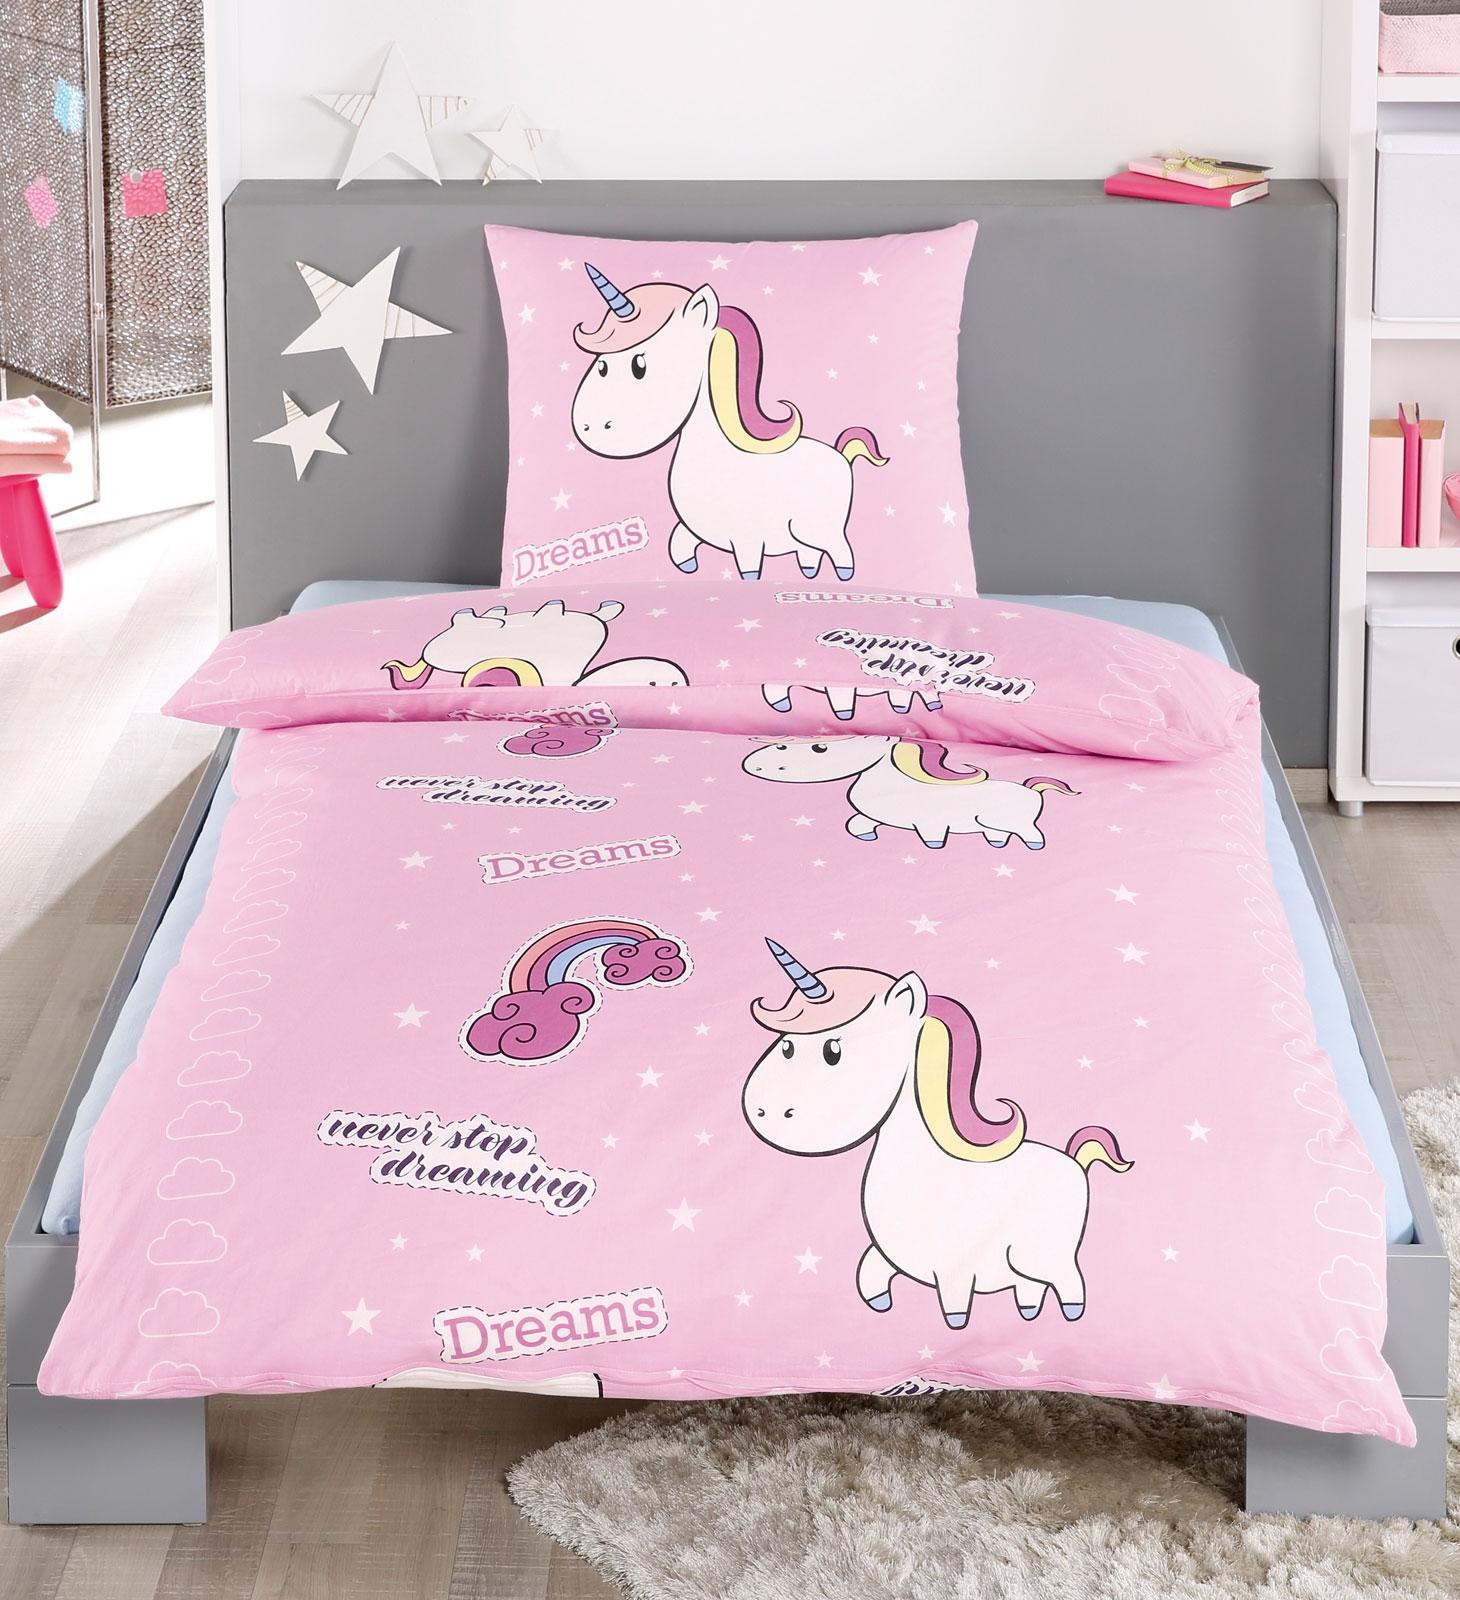 Bettwäsche - Bettwäsche Einhorn Unicorn in hochwertiger Microfaser 135x200 80x80 mit Reißverschluss  - Onlineshop PremiumShop321